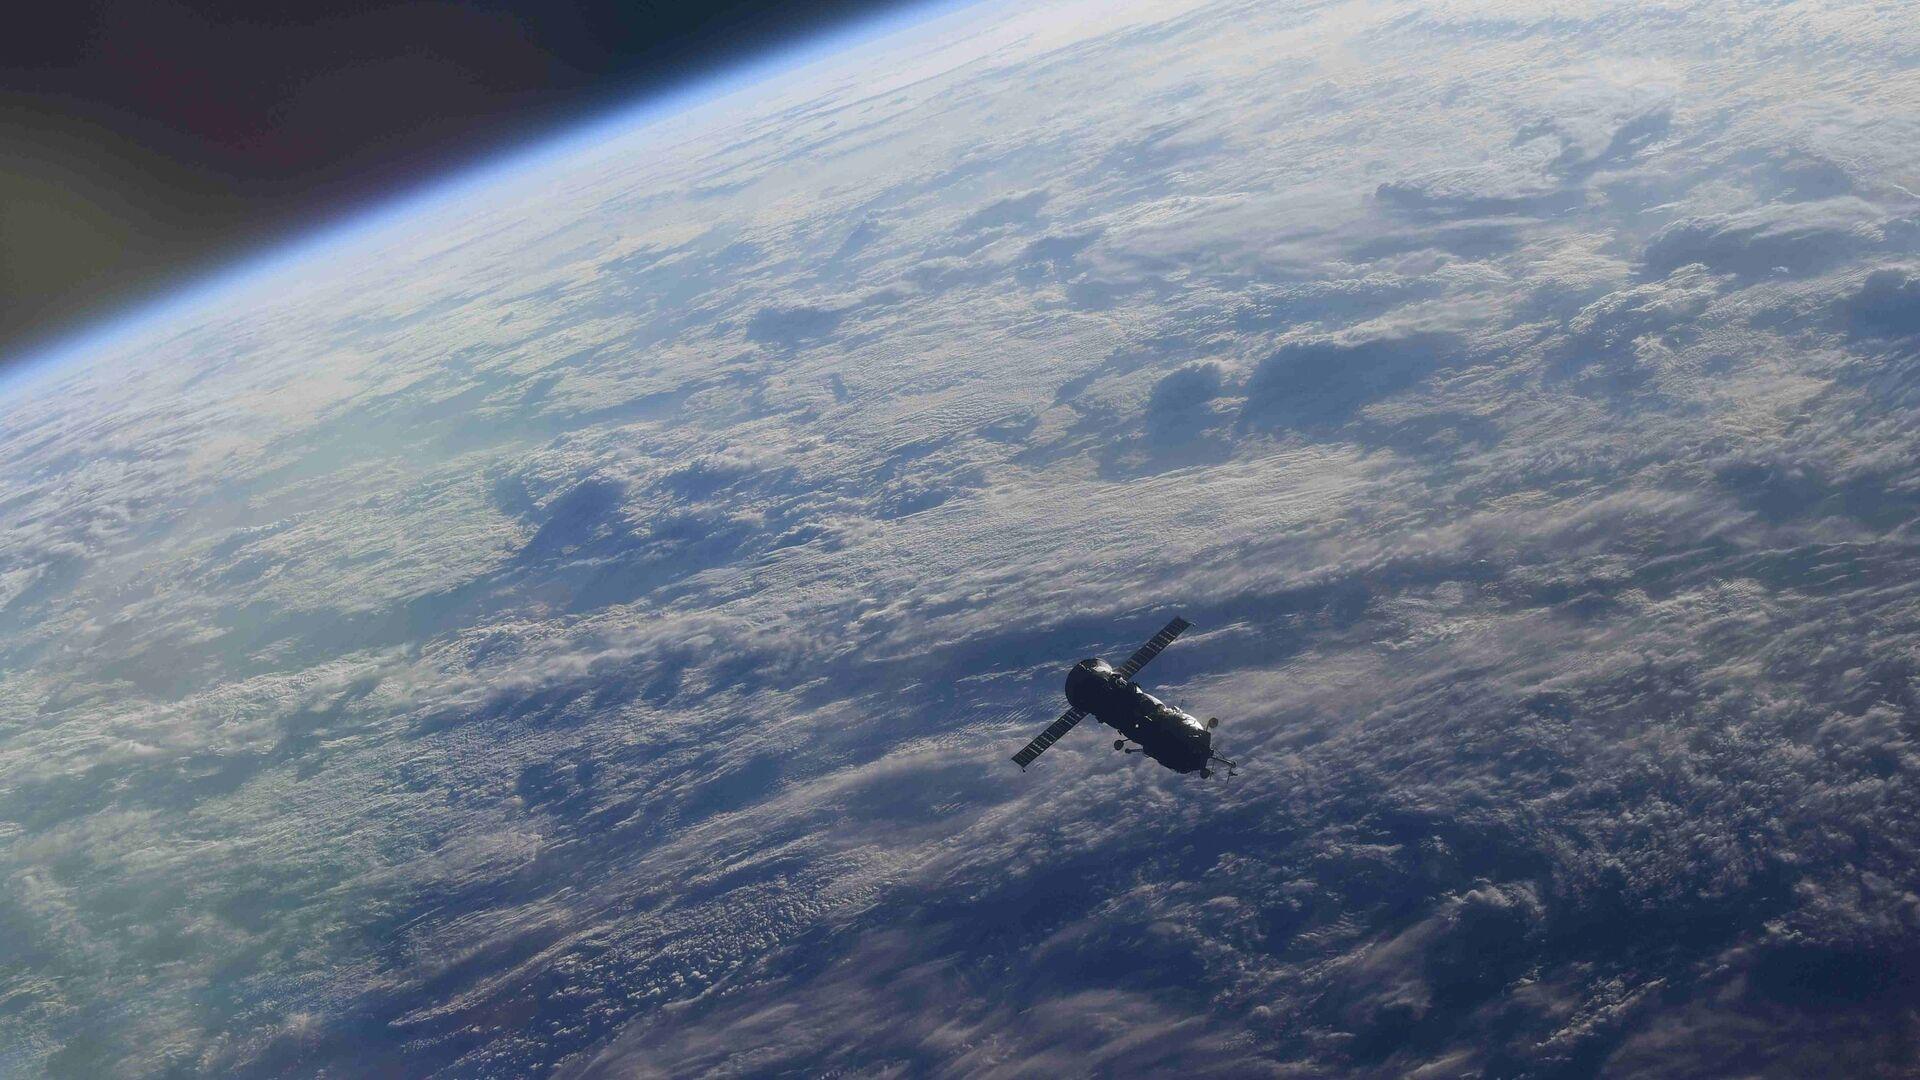 Модуль Пирс отстыковался от МКС - Sputnik Абхазия, 1920, 12.10.2021